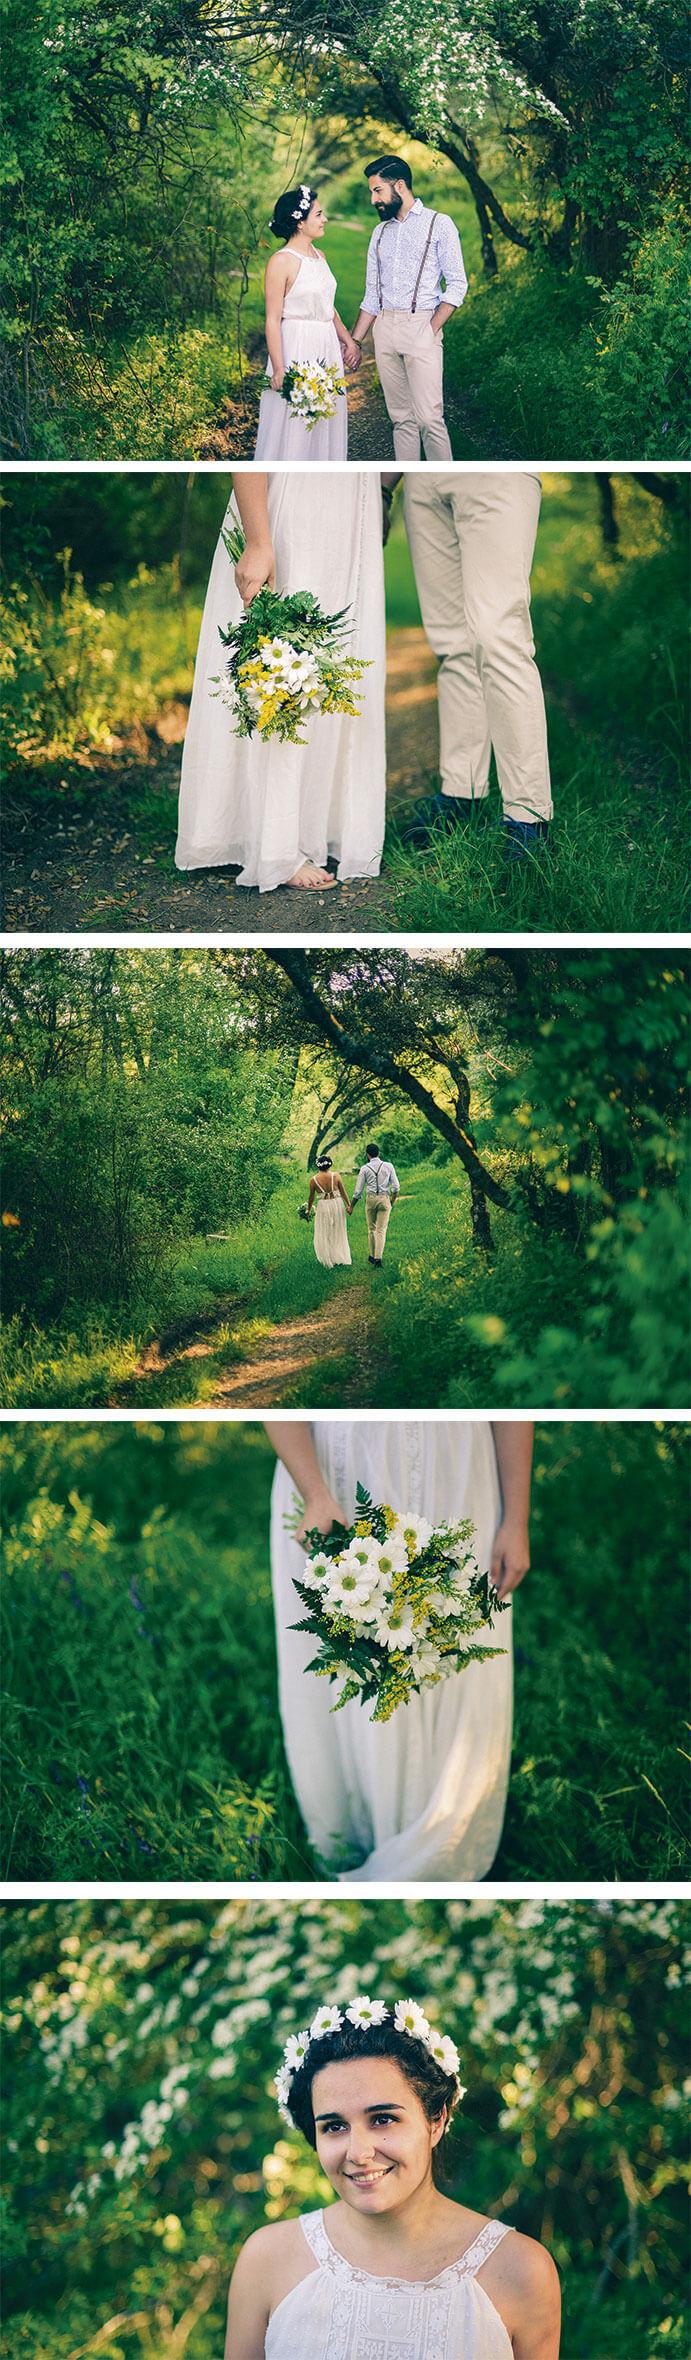 fotos-novios-boda-691x2360